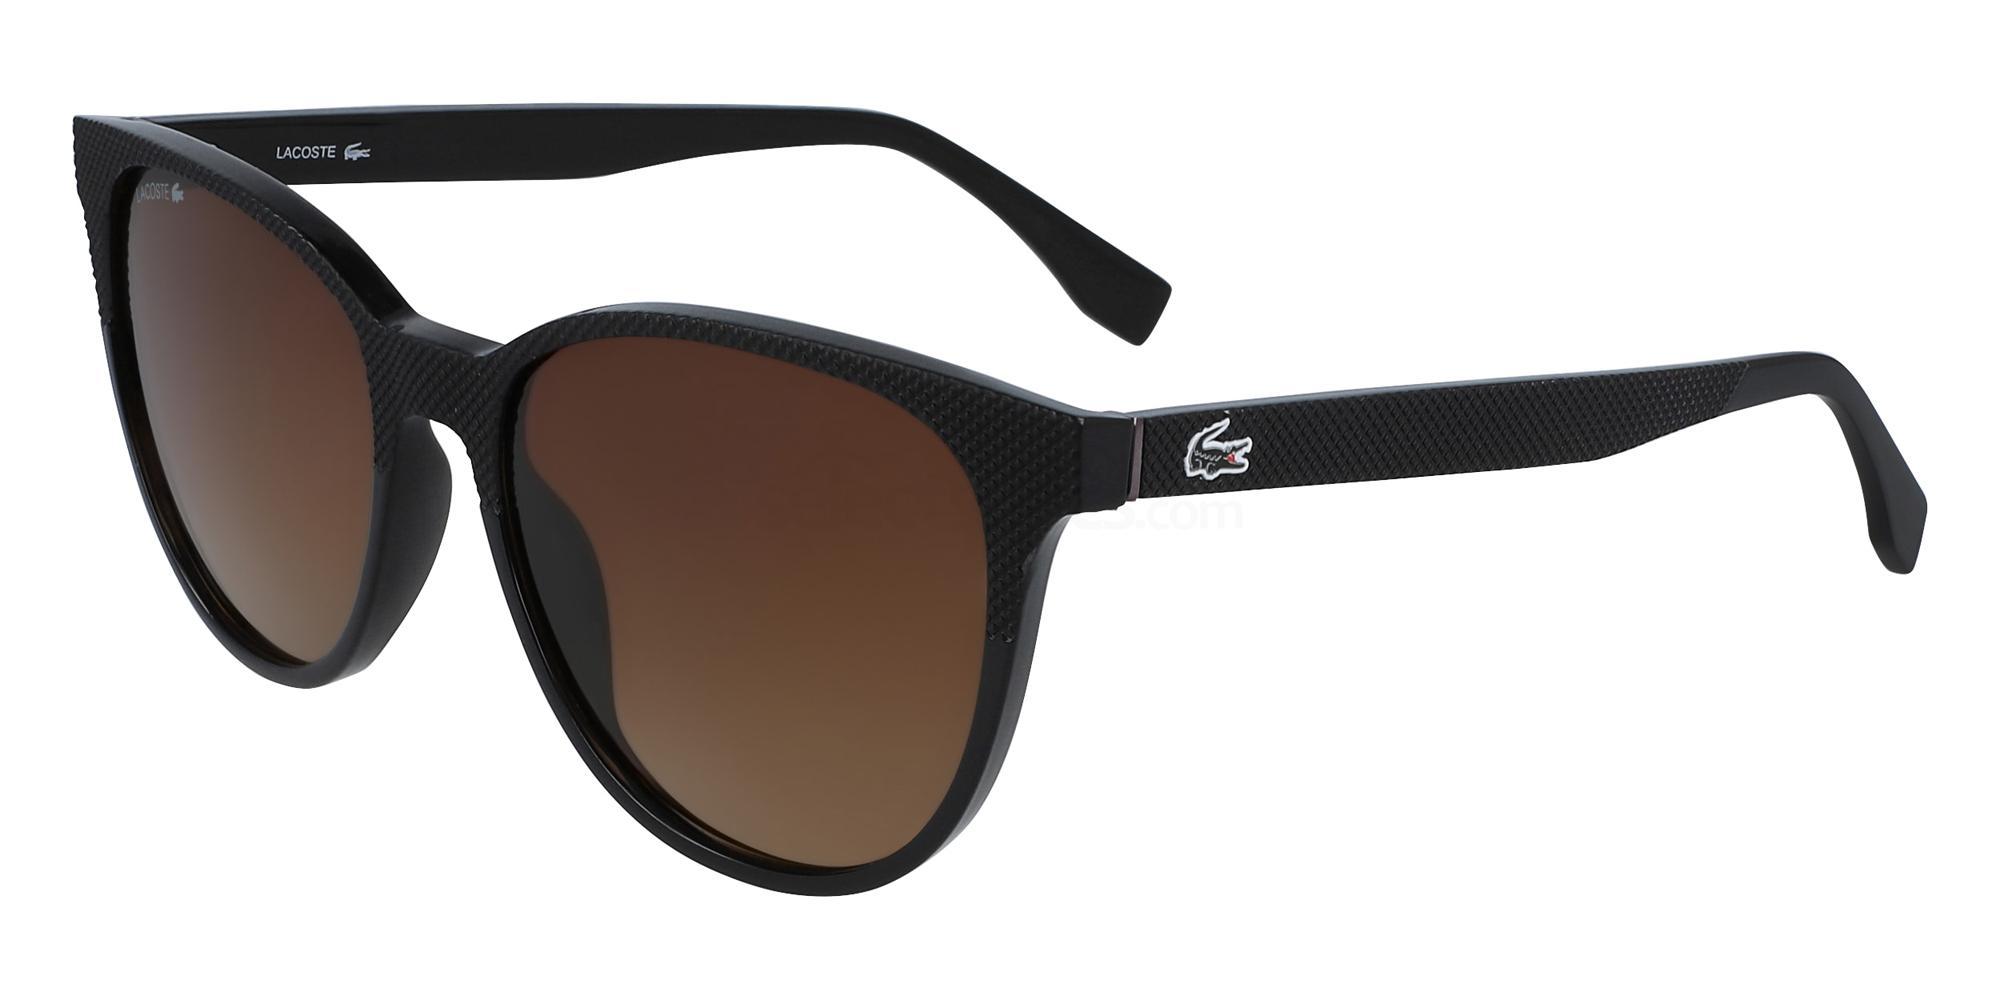 001 L859SP Sunglasses, Lacoste